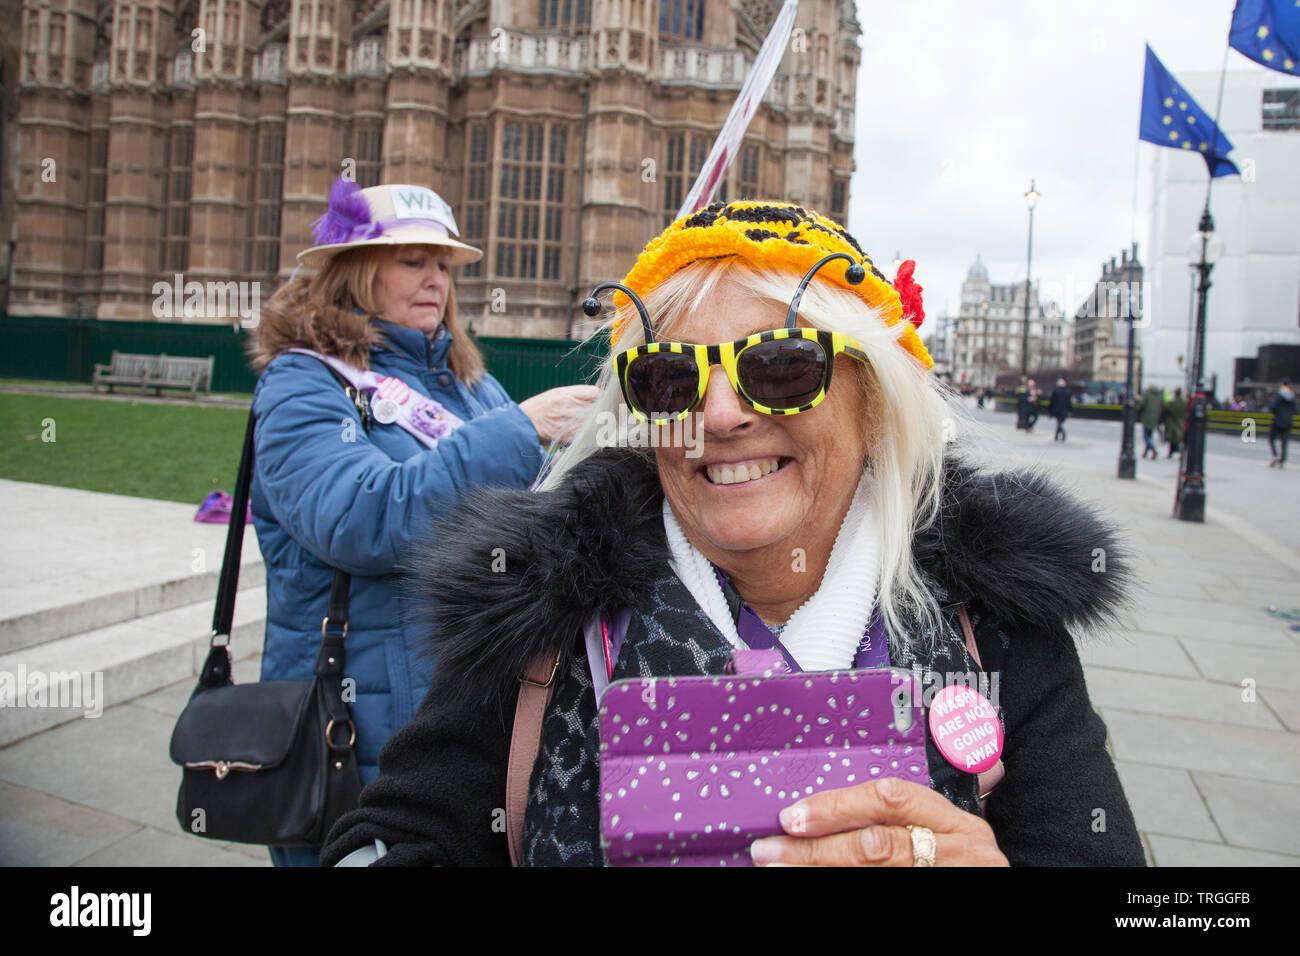 Londres, Reino Unido. 13 marzo, 2019. Los manifestantes del grupo Mujeres contra la desigualdad (WASPI pensiones estatales) se reúnen en la Casa del Parlamento, Westminster para expresar su ira en el cambio de la edad de jubilación para las mujeres nacidas en 1950. Instan al gobierno a proporcionar una indemnización para los millones de mujeres afectadas por el cambio. Foto de stock